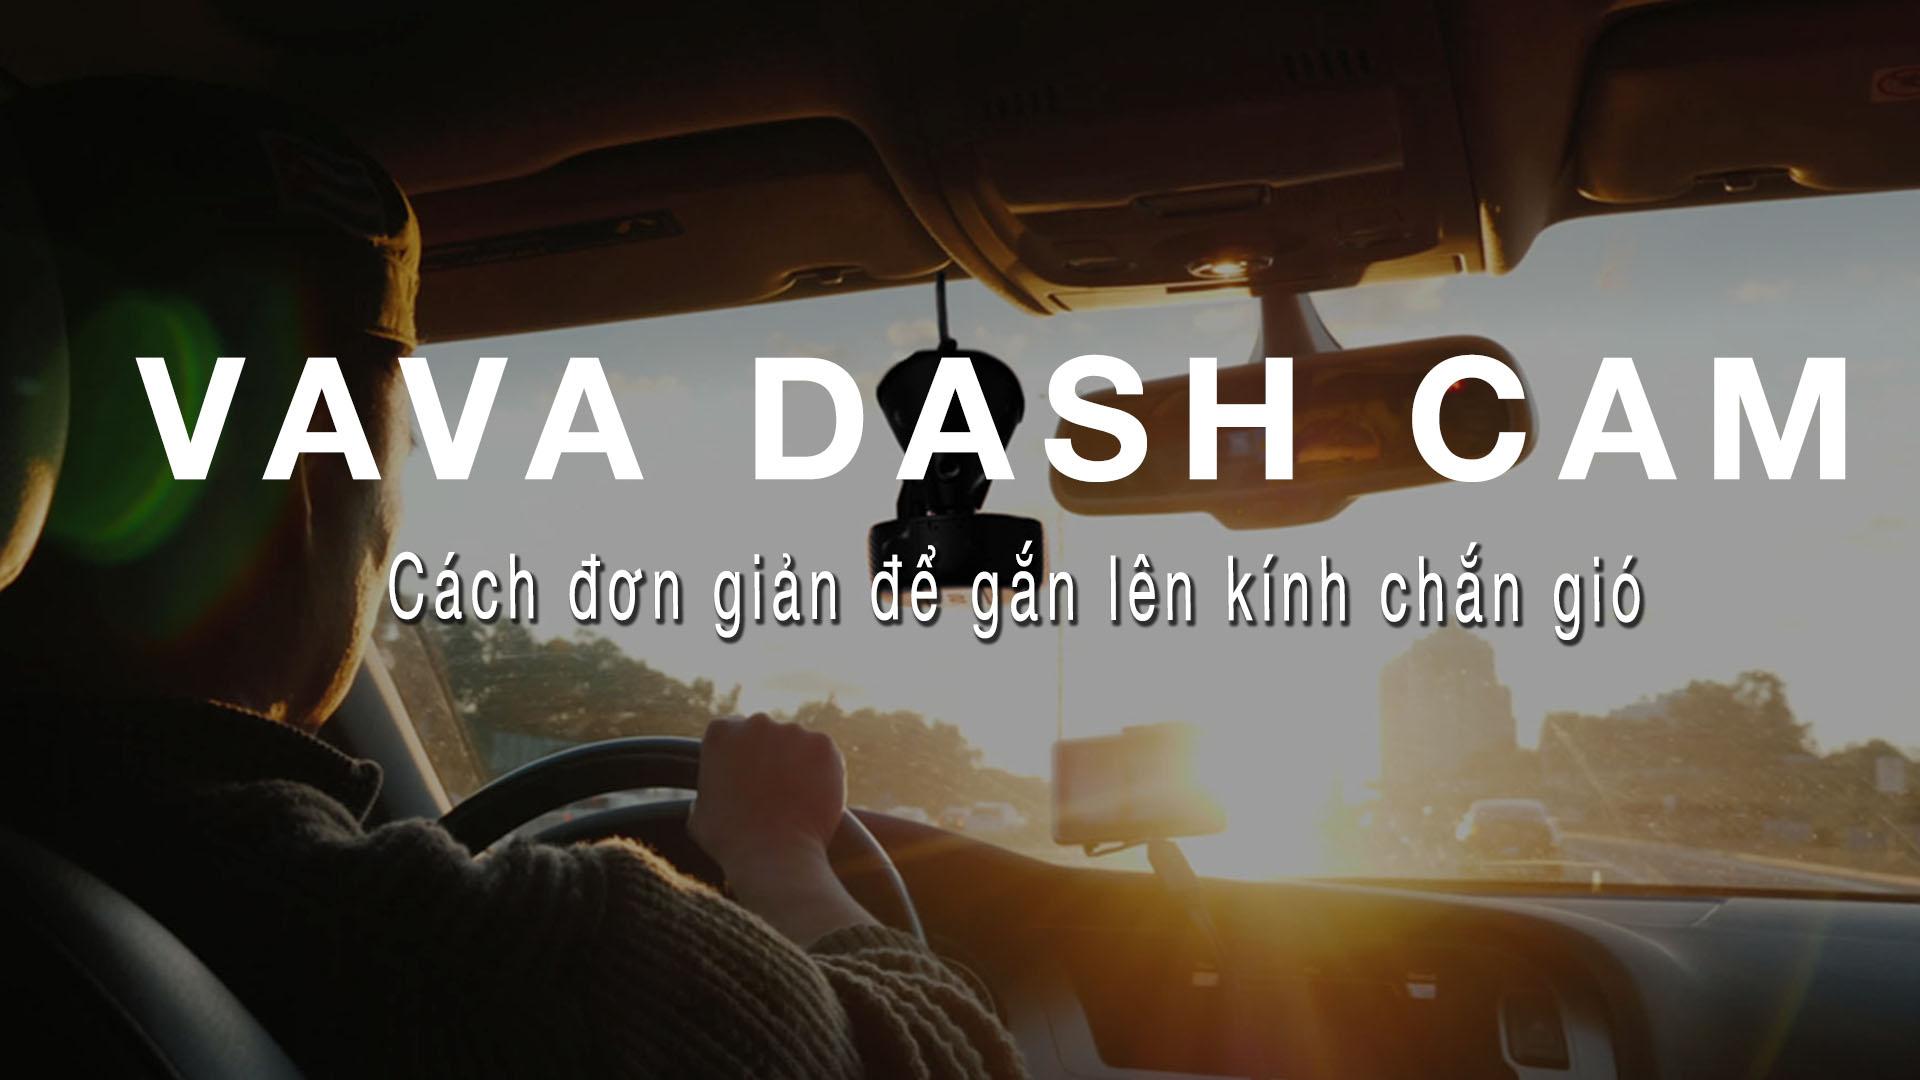 Cách đơn giản để gắn Cam VAVA Dash